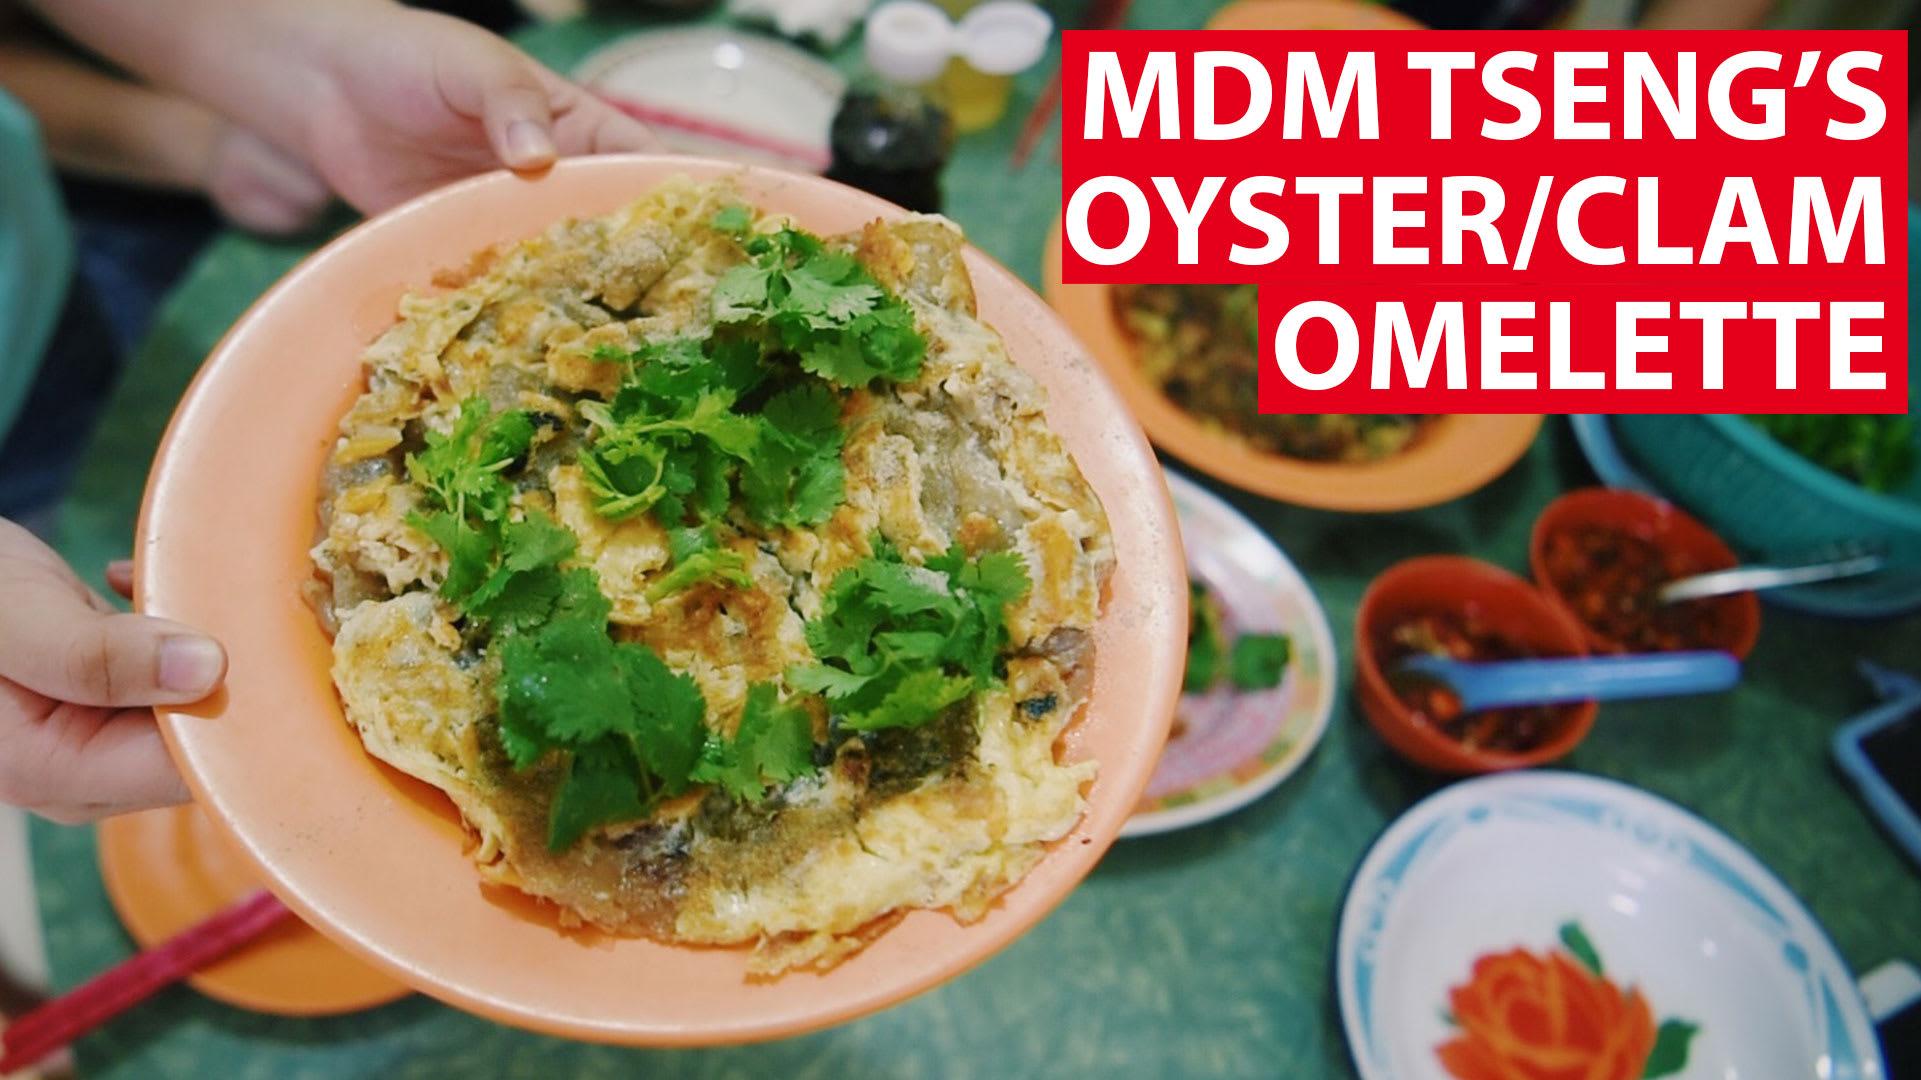 Mdm Tseng's oyster/olam omelette